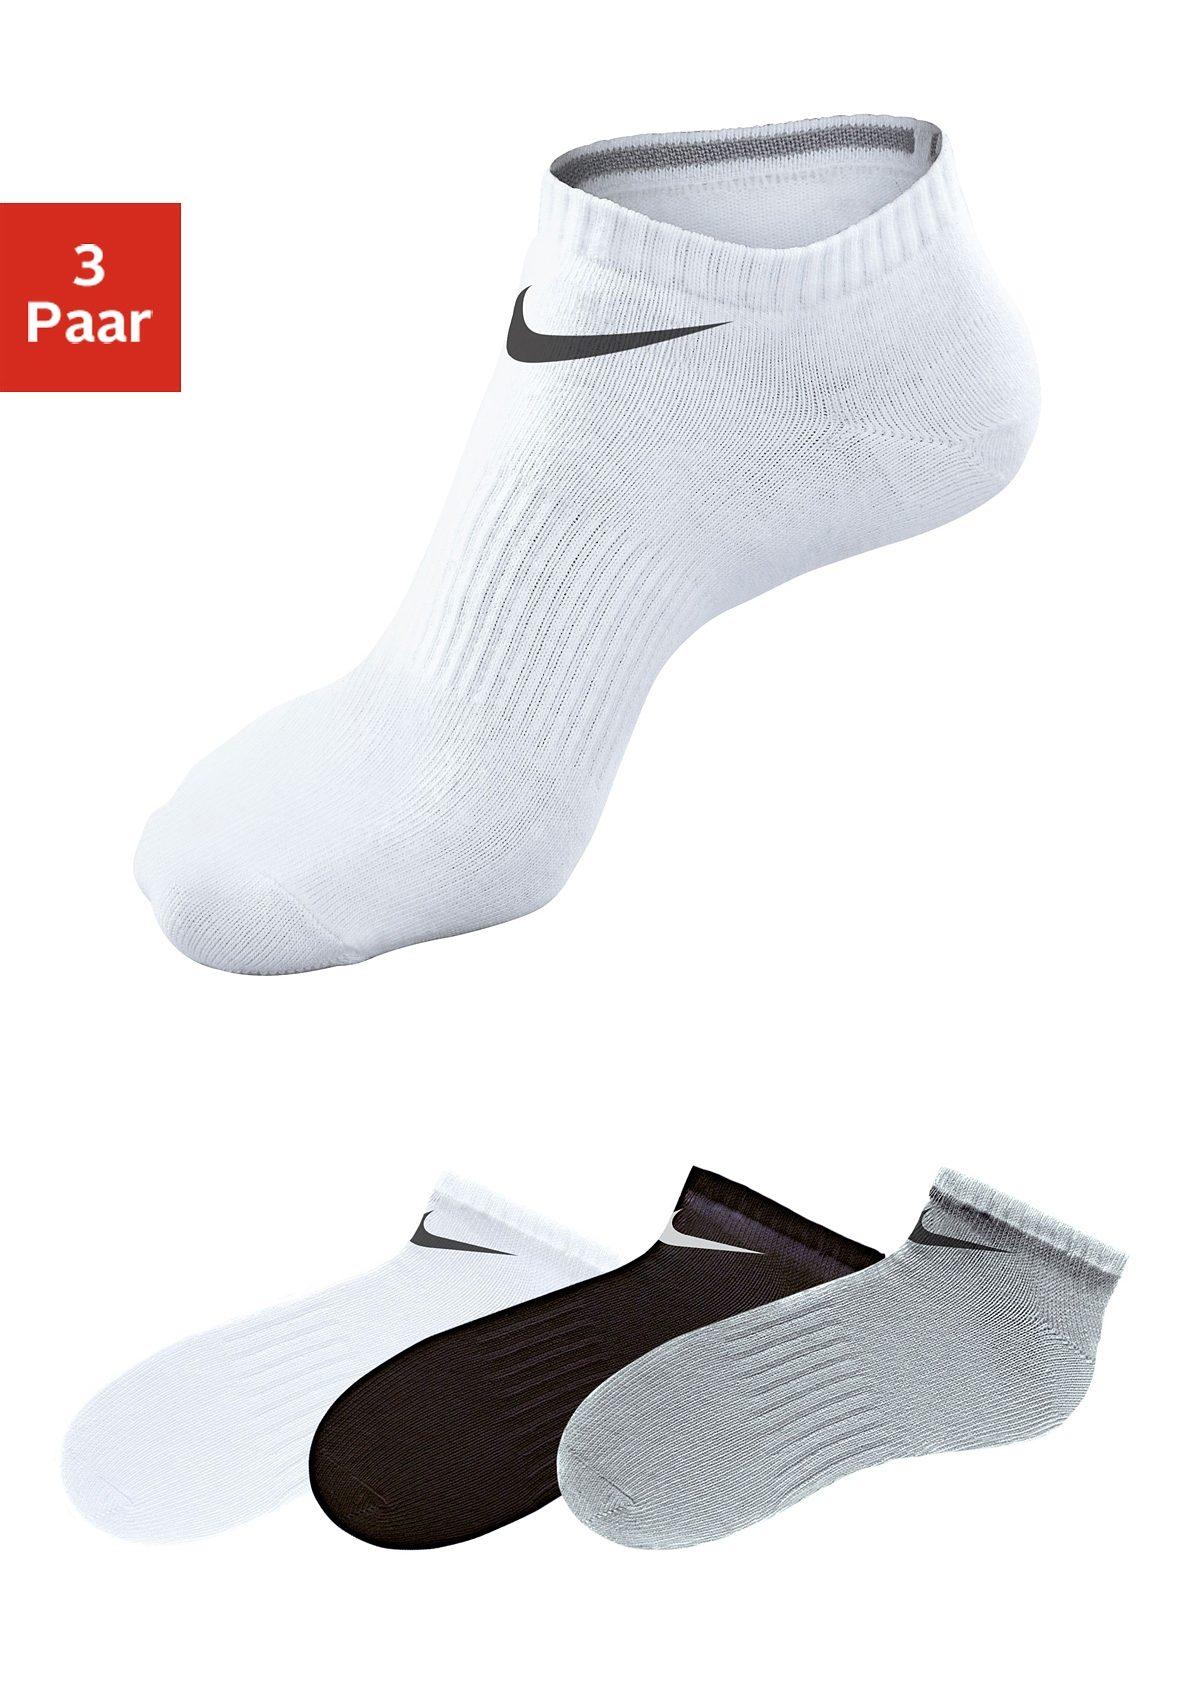 Nike Sneakersocken (3 Paar) mit Mittelfußgummi